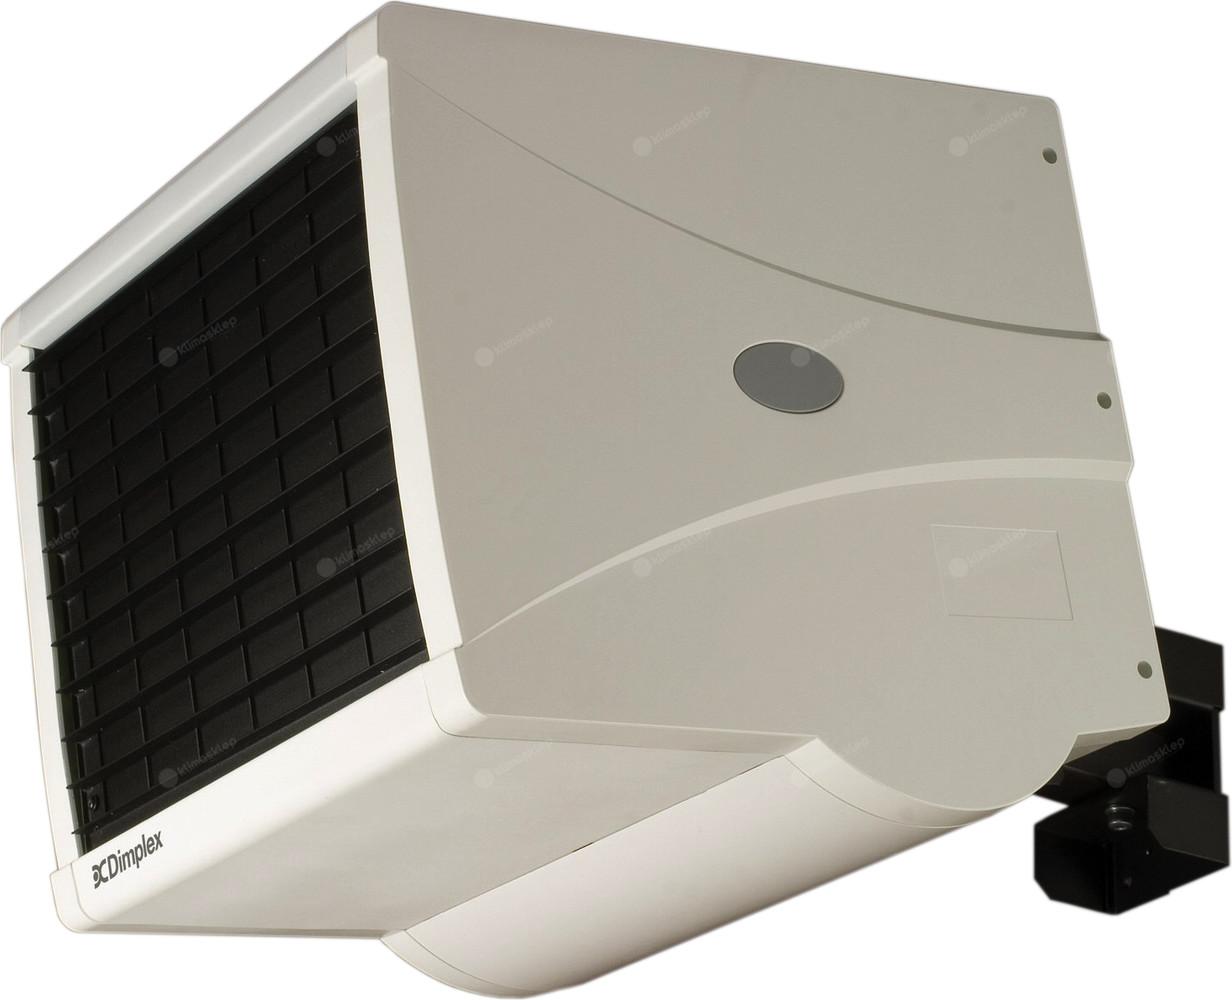 Nagrzewnica elektryczna Dimplex CFH 120 z wysokowydajnym wentylatorem